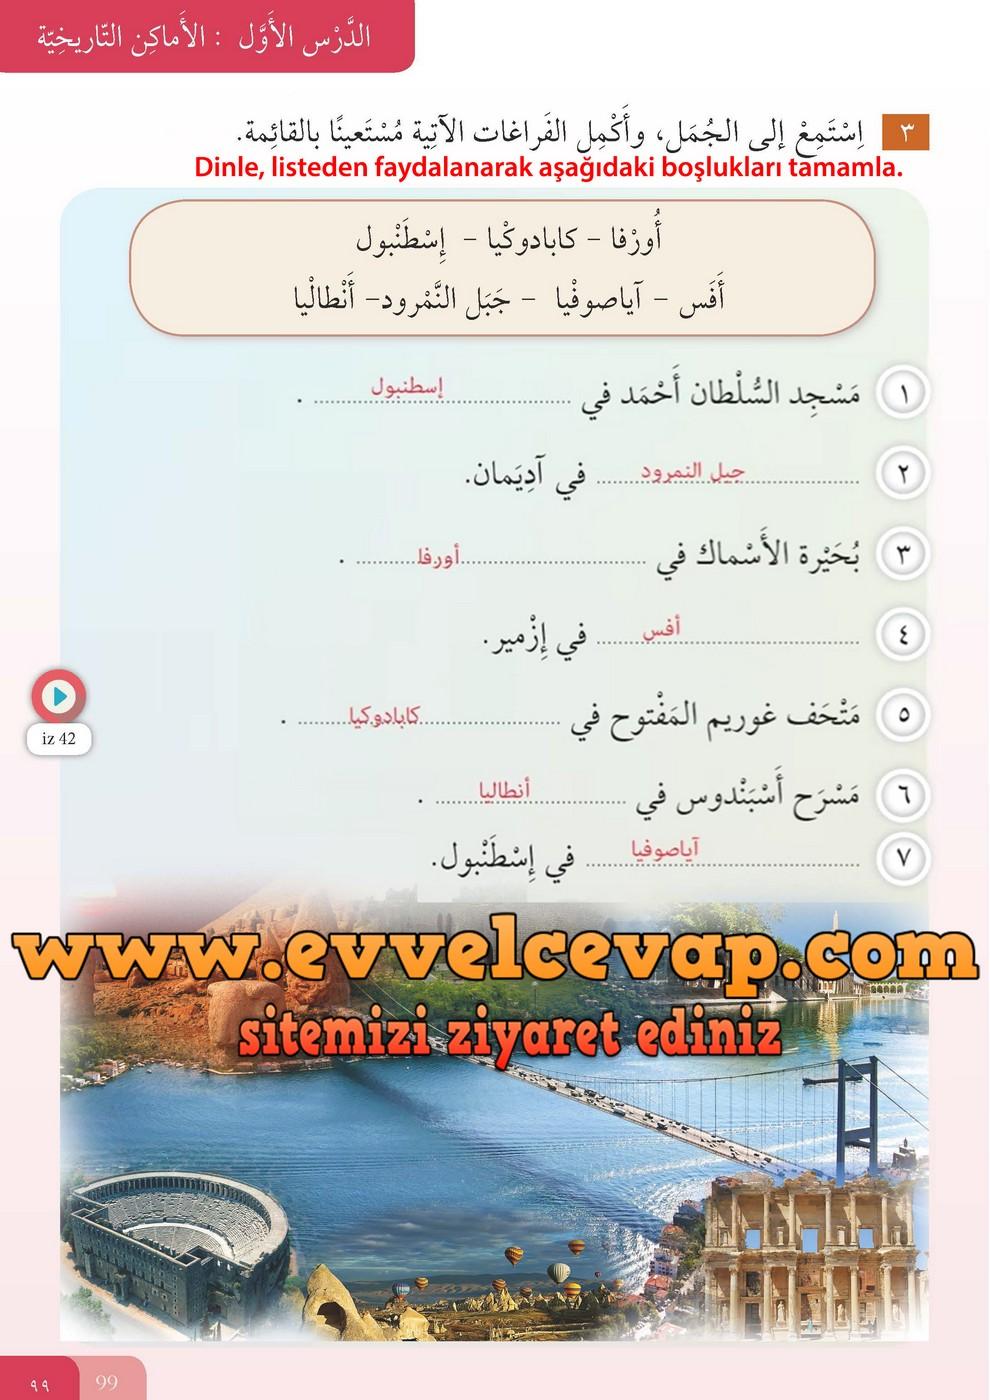 7. Sınıf Meb Yayınları Arapça Ders ve Öğrenci Çalışma Kitabı Sayfa 99 Cevabı